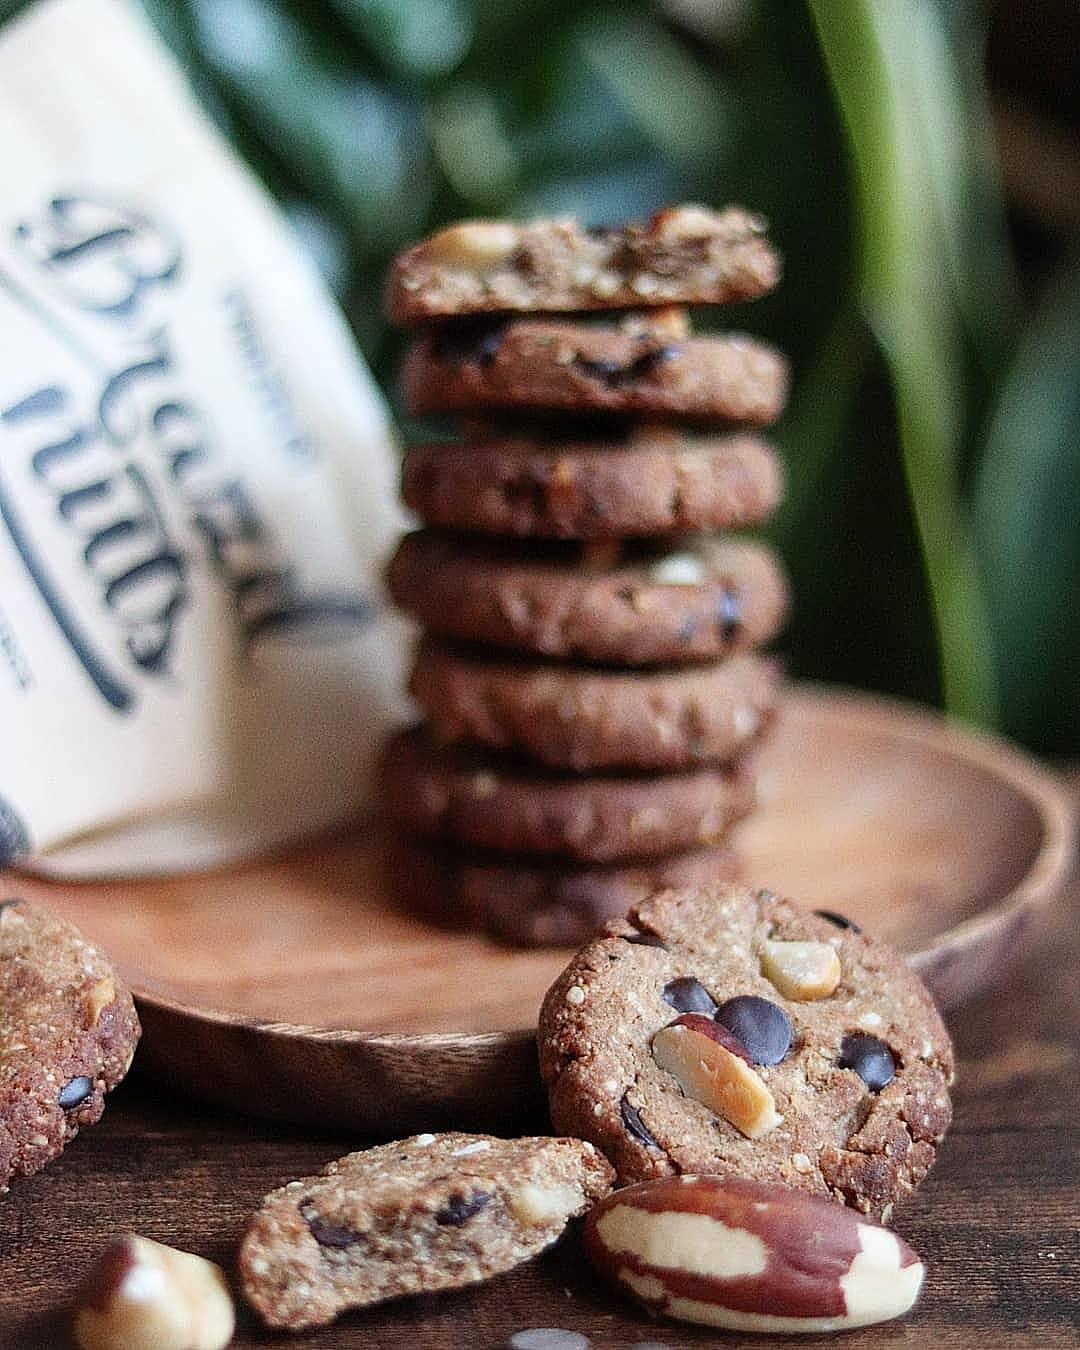 Cookies chocolat noir et noix de macadamia ou noix du Brésil, au sel de Guérande, sarrasin et sucre de coco, sans gluten, vegan, à IG bas